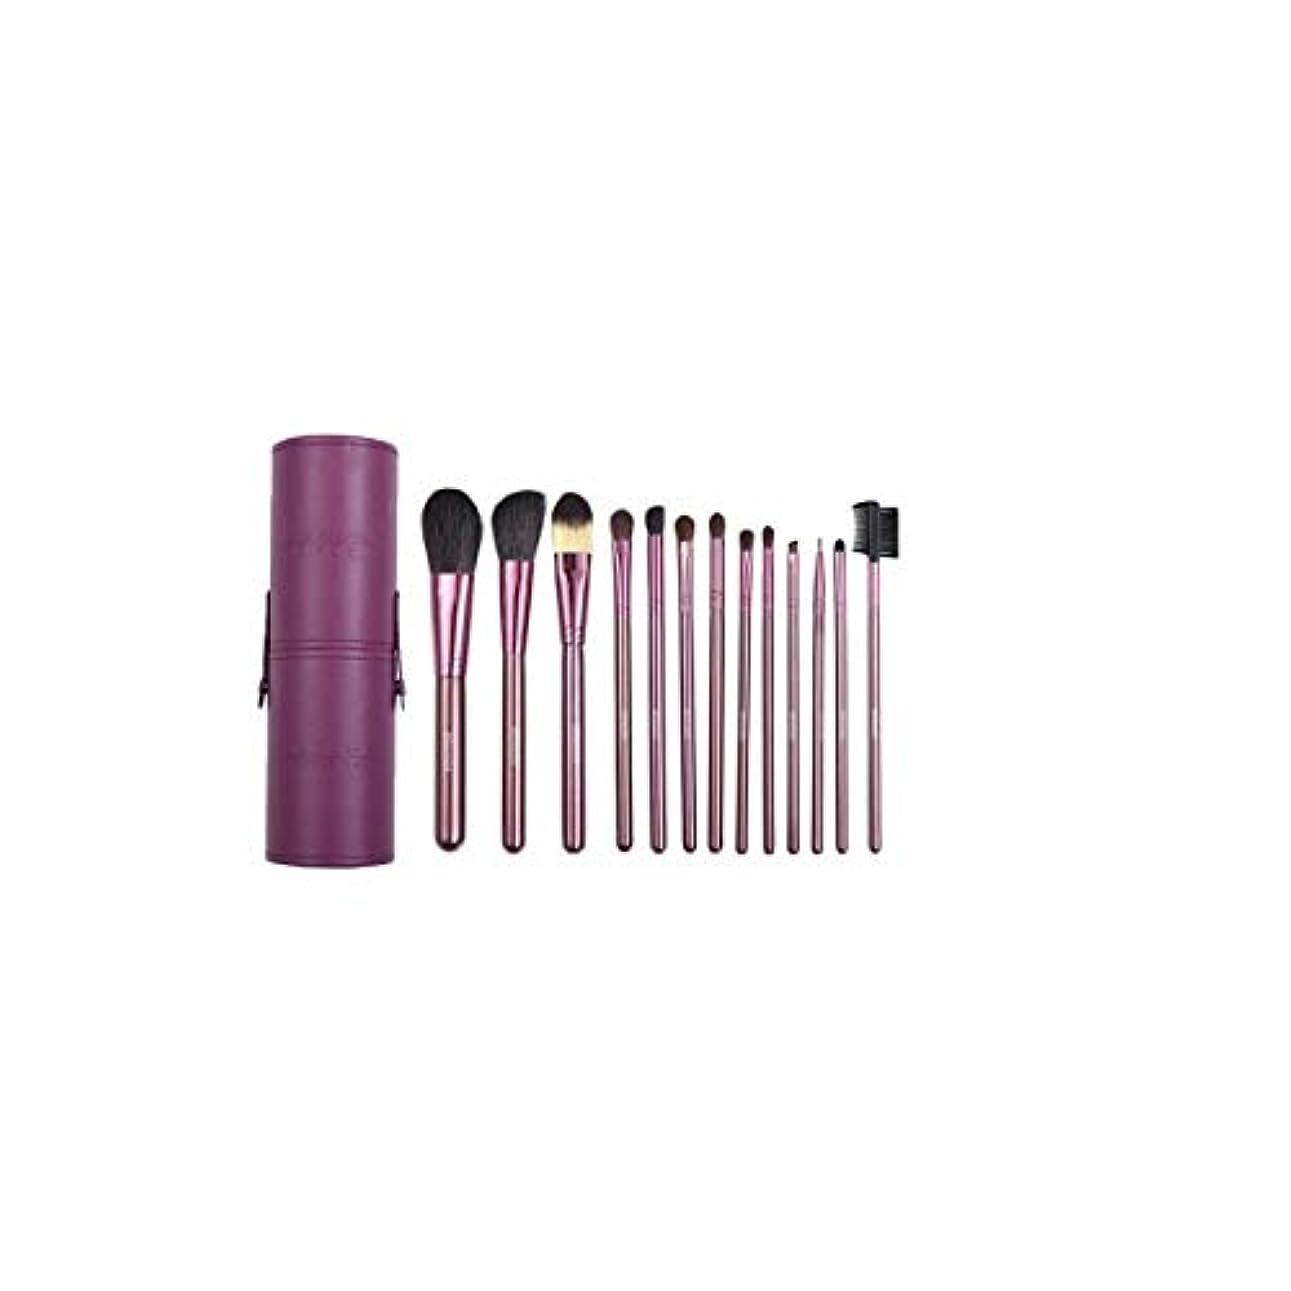 世辞野望有利XIAOCHAOSD メイクブラシセットメイクブラシセット7ピース、美容ツールメイクブラシセット13バレルチューブメイクアップツールアイシャドウブラシ、パープル (Color : Purple)